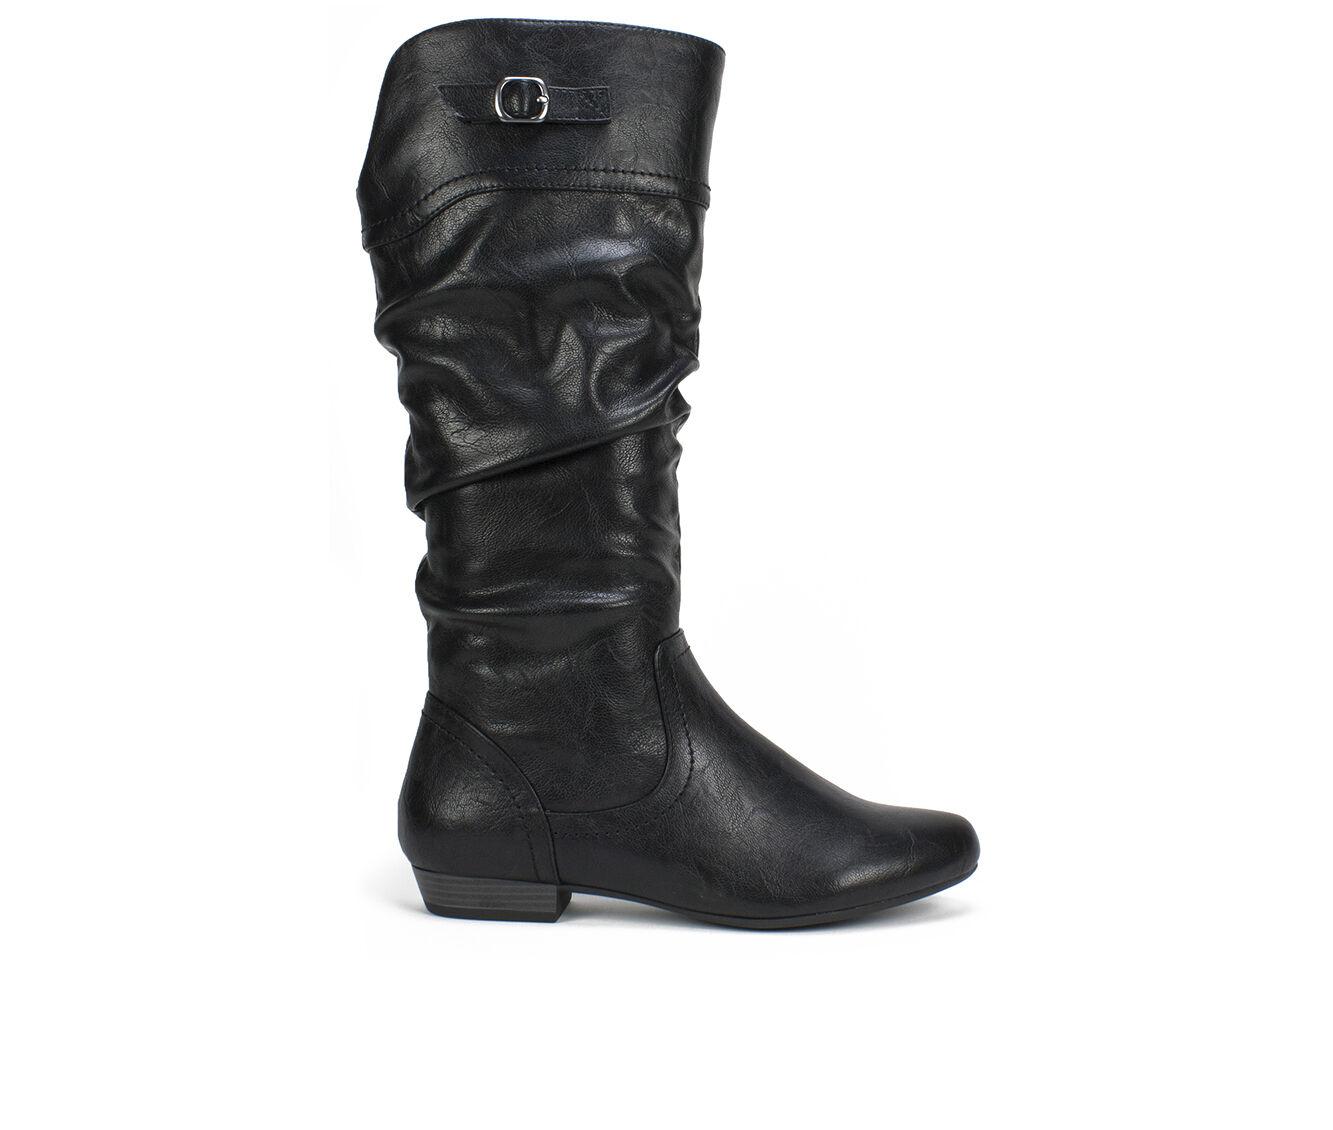 Women's Cliffs Fox Riding Boots Black